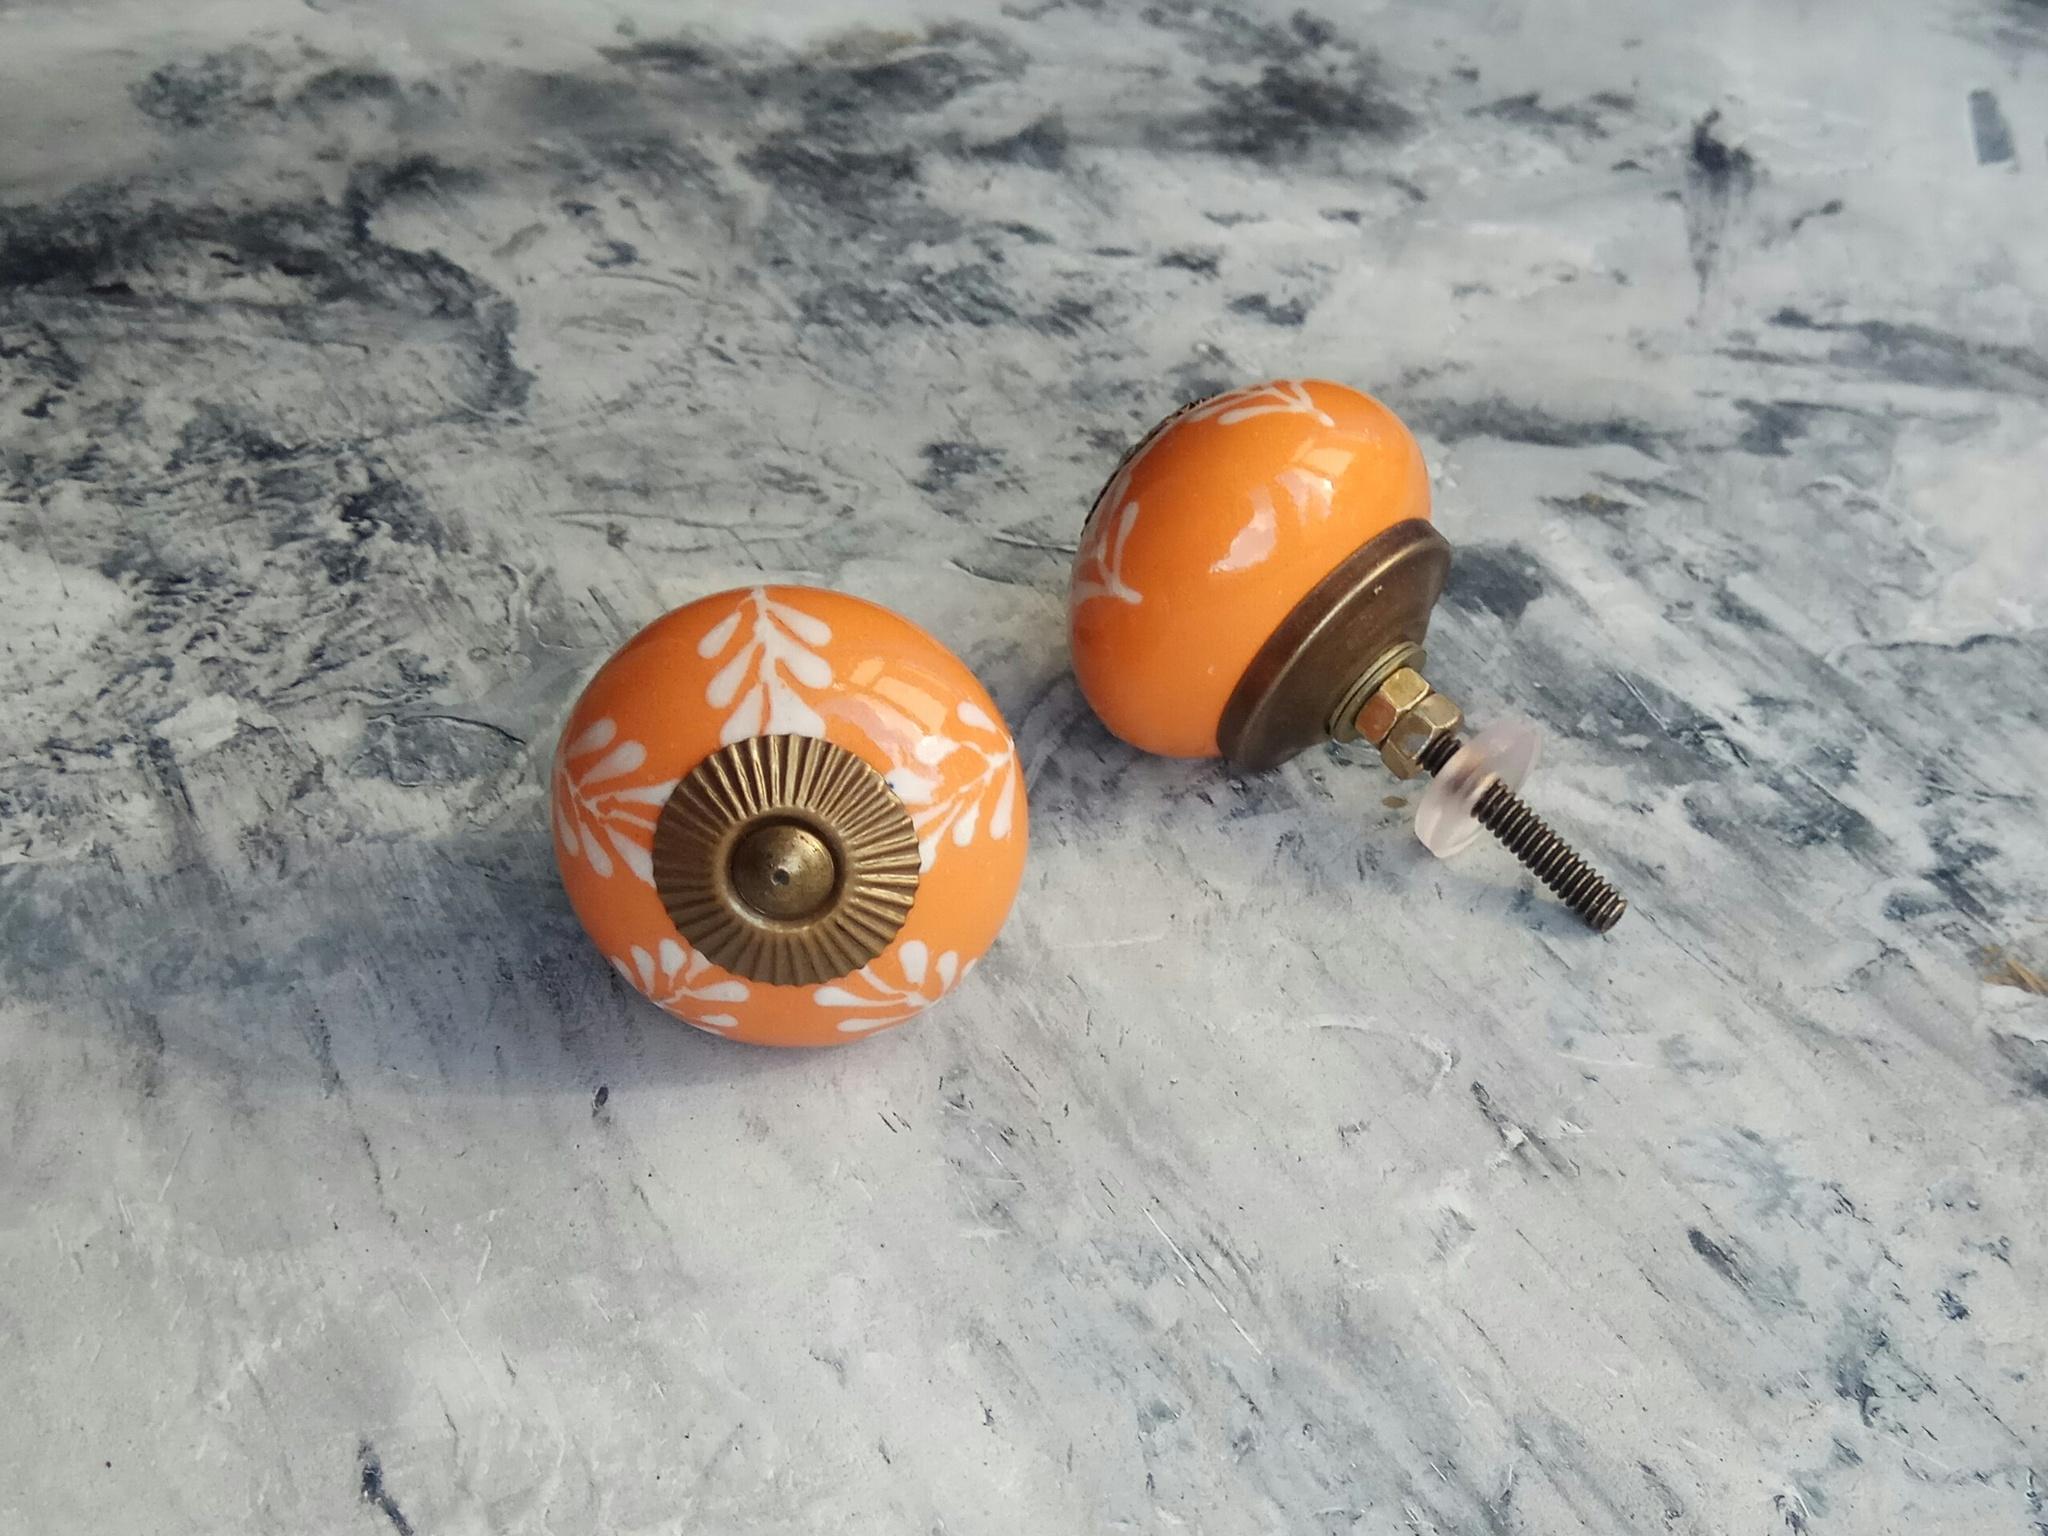 Ручка мебельная керамическая  - цвета горчицы с белым объемным узором, арт. 00001096